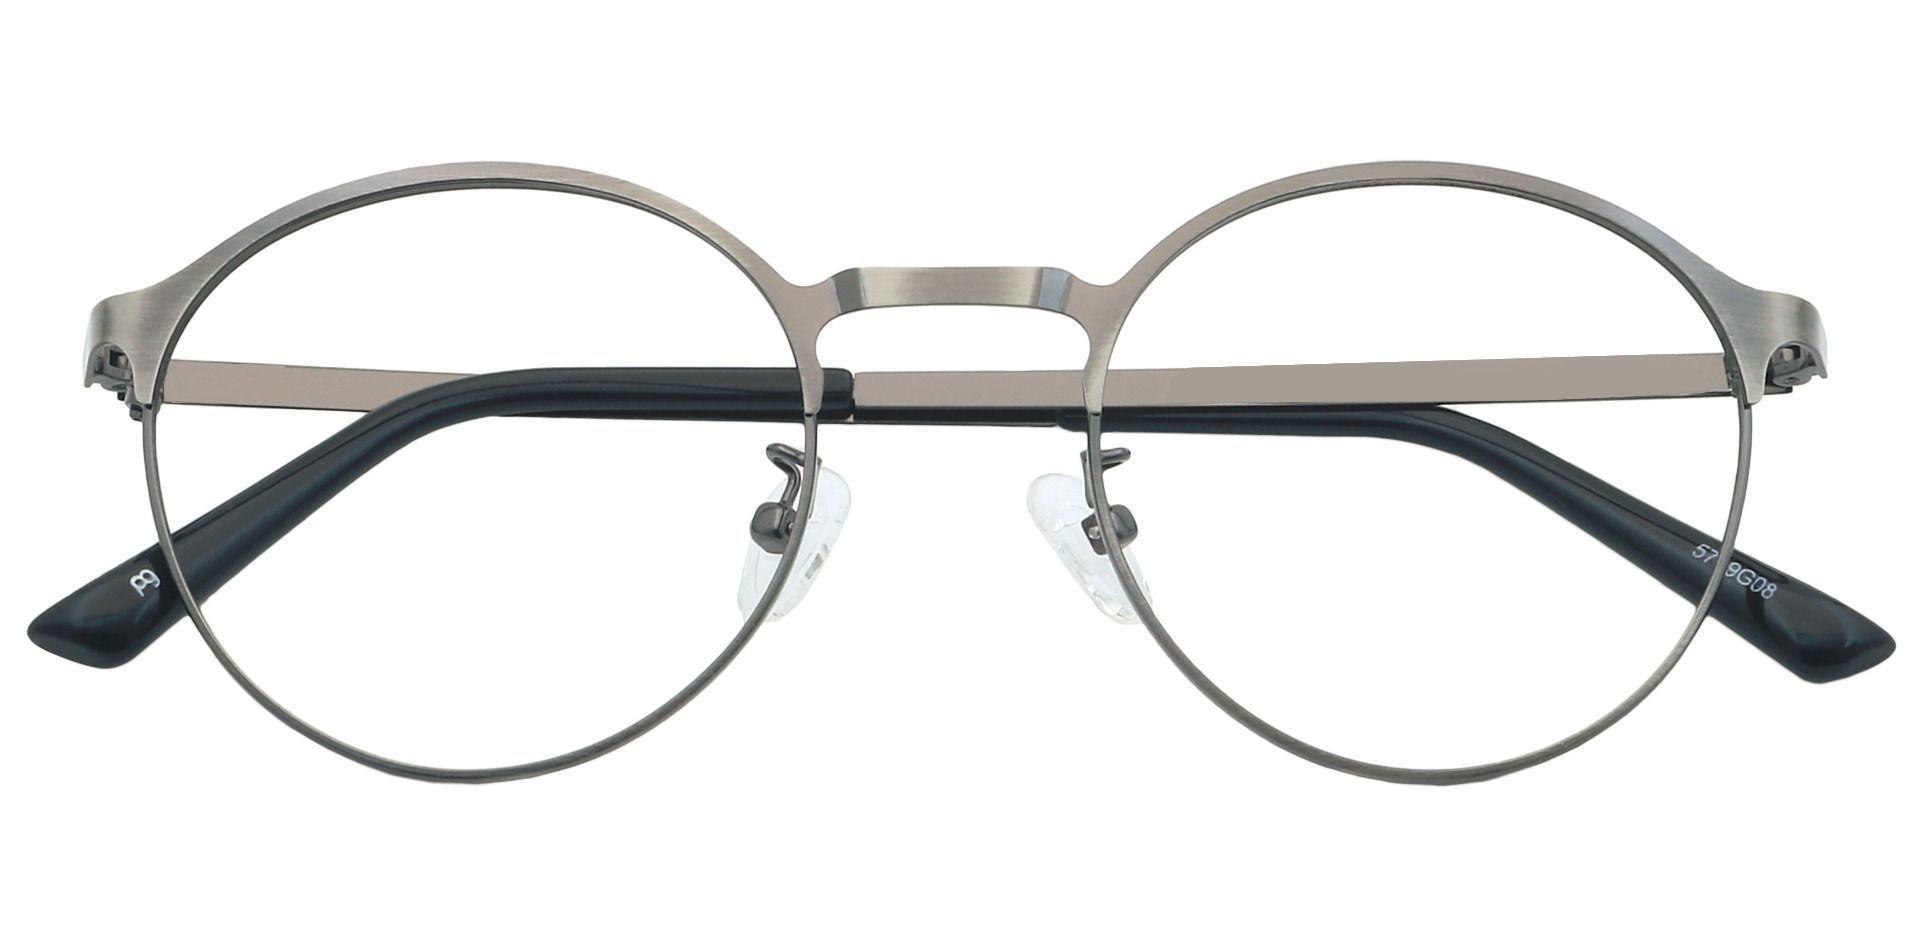 Perry Round Non-Rx Glasses - Gray